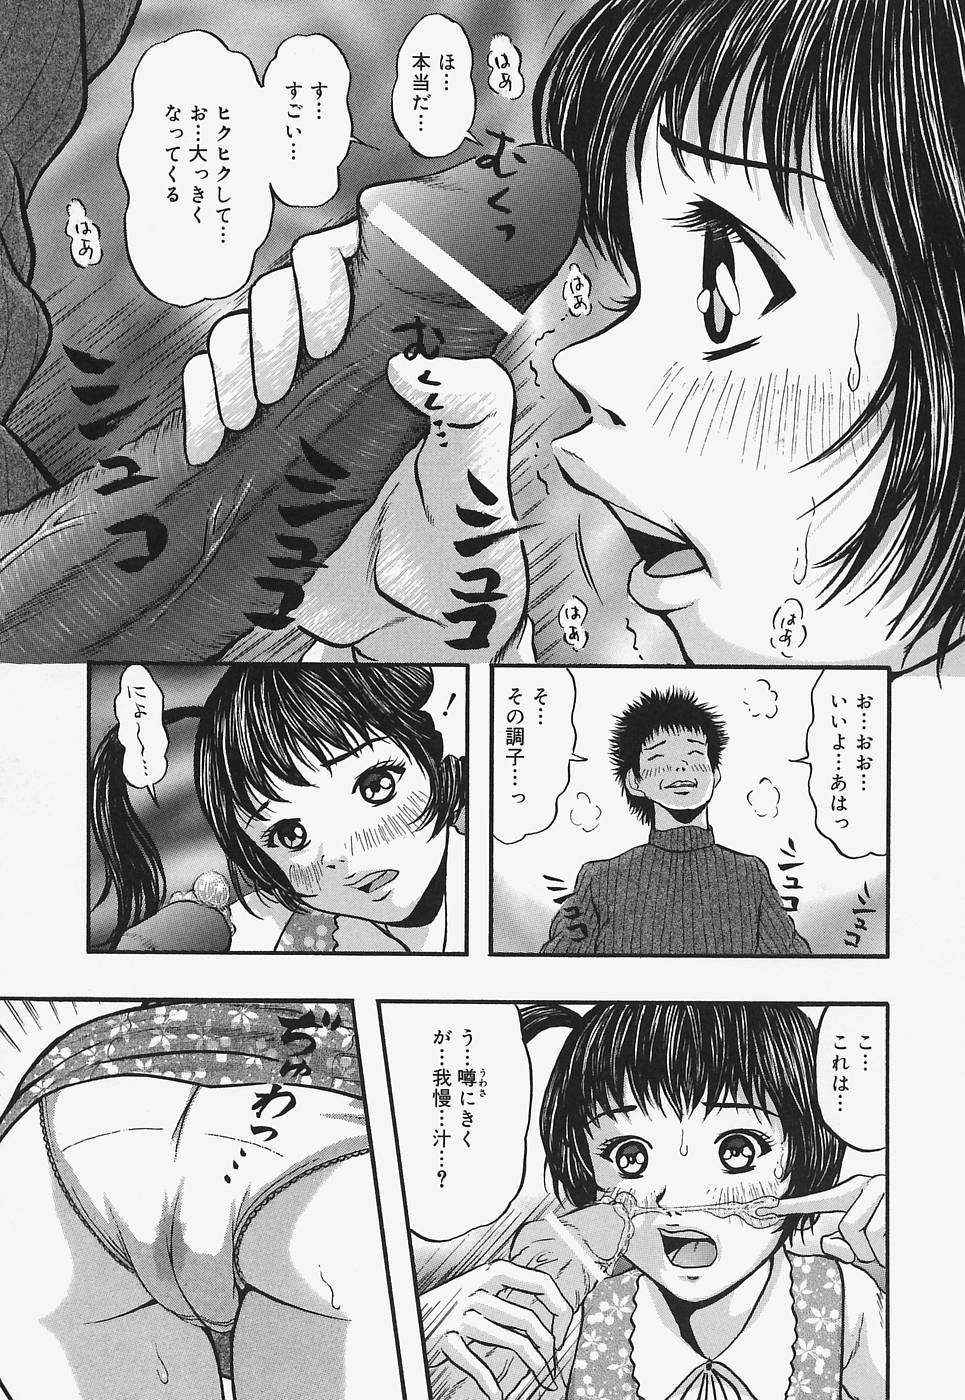 Nurunuru Syoujyo Jiru 74